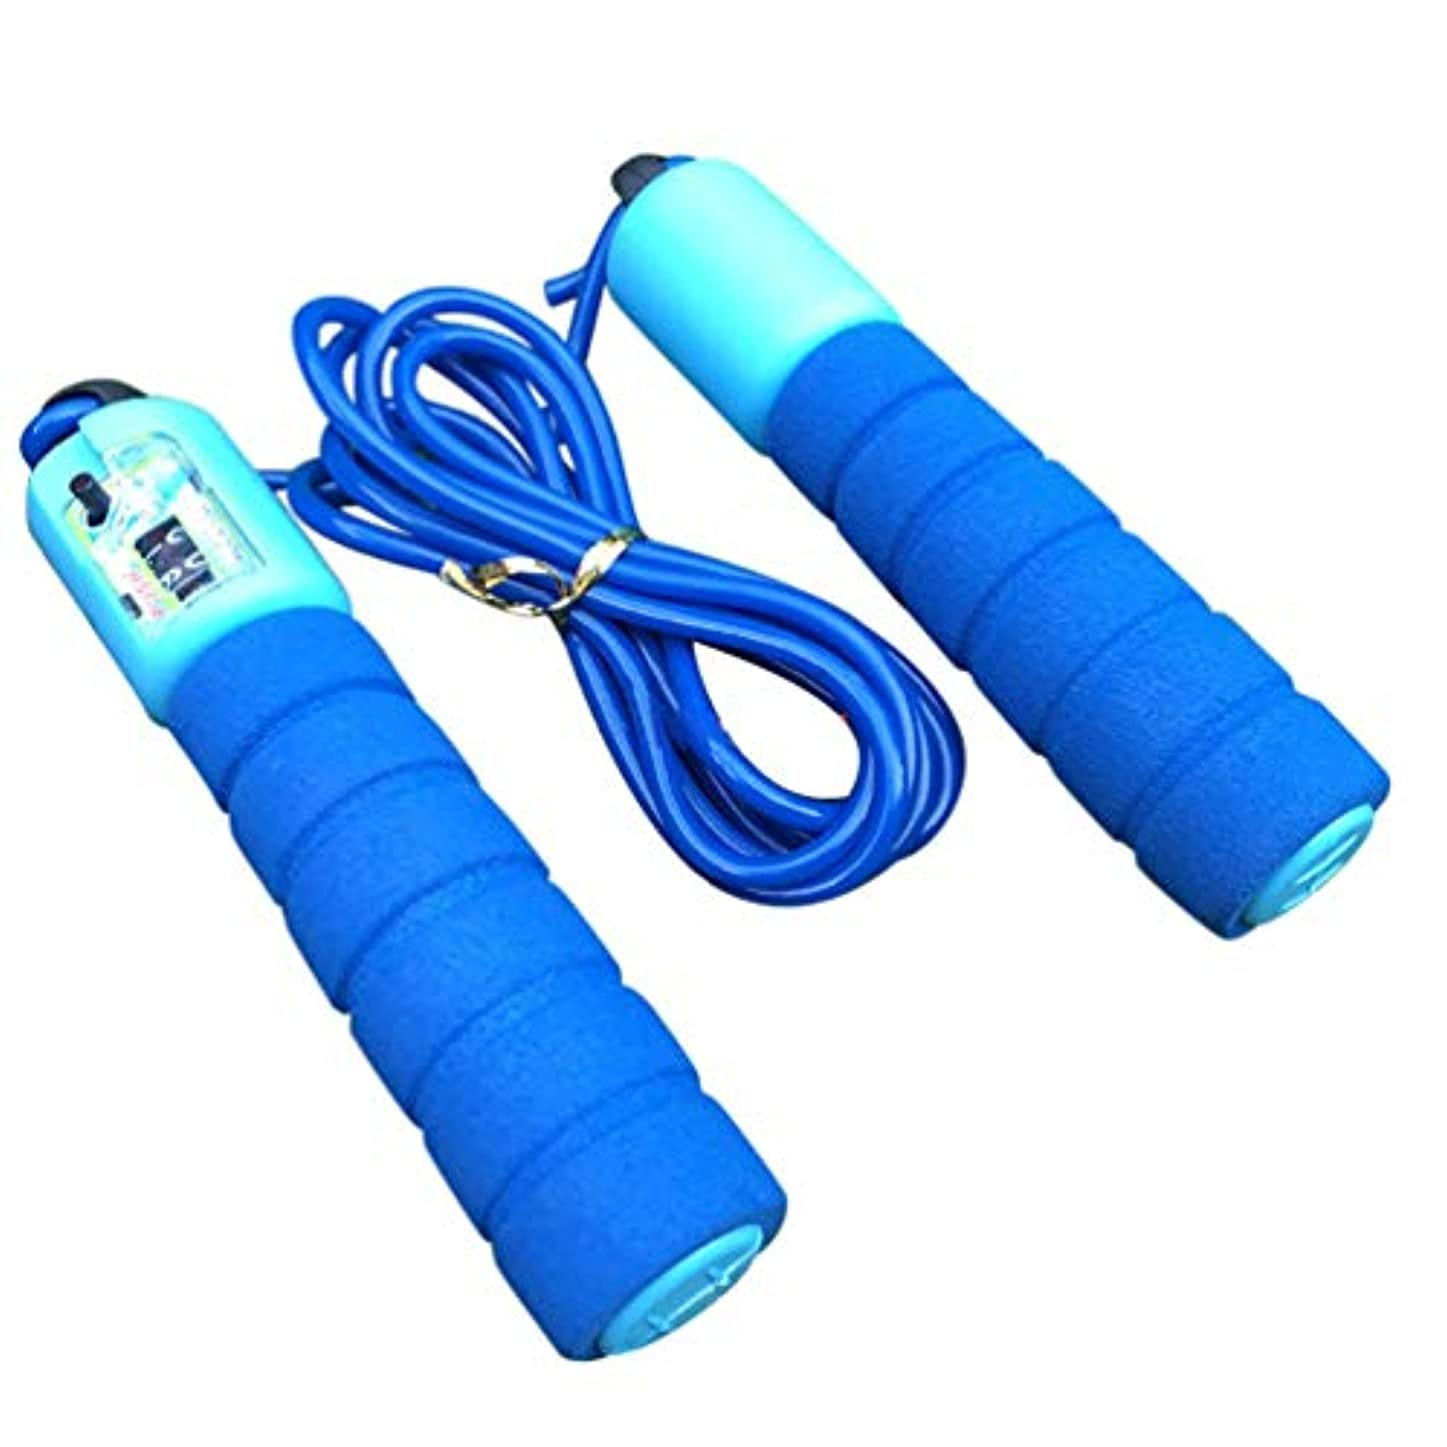 バンドル株式巨大な調整可能なプロフェッショナルカウント縄跳び自動カウントジャンプロープフィットネス運動高速カウントジャンプロープ - 青